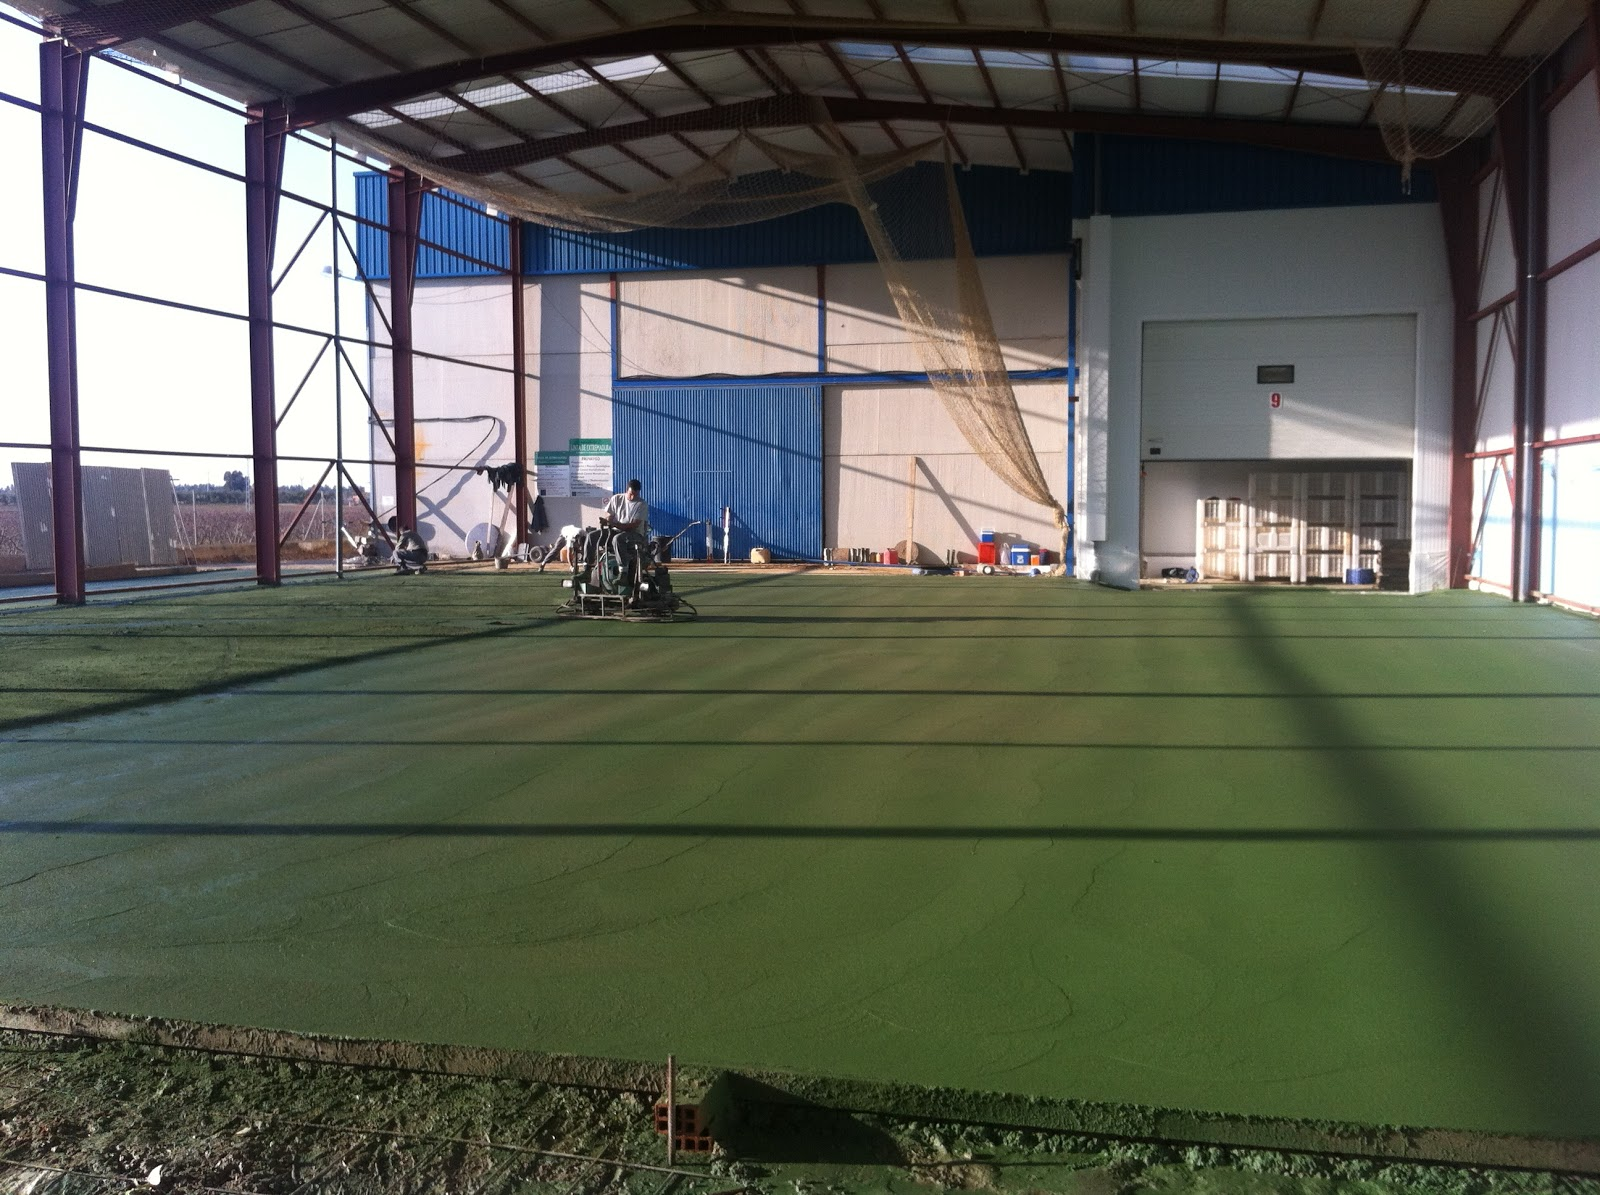 Bhetta pavimento pulido hormigon verde - Hormigon pulido colores ...